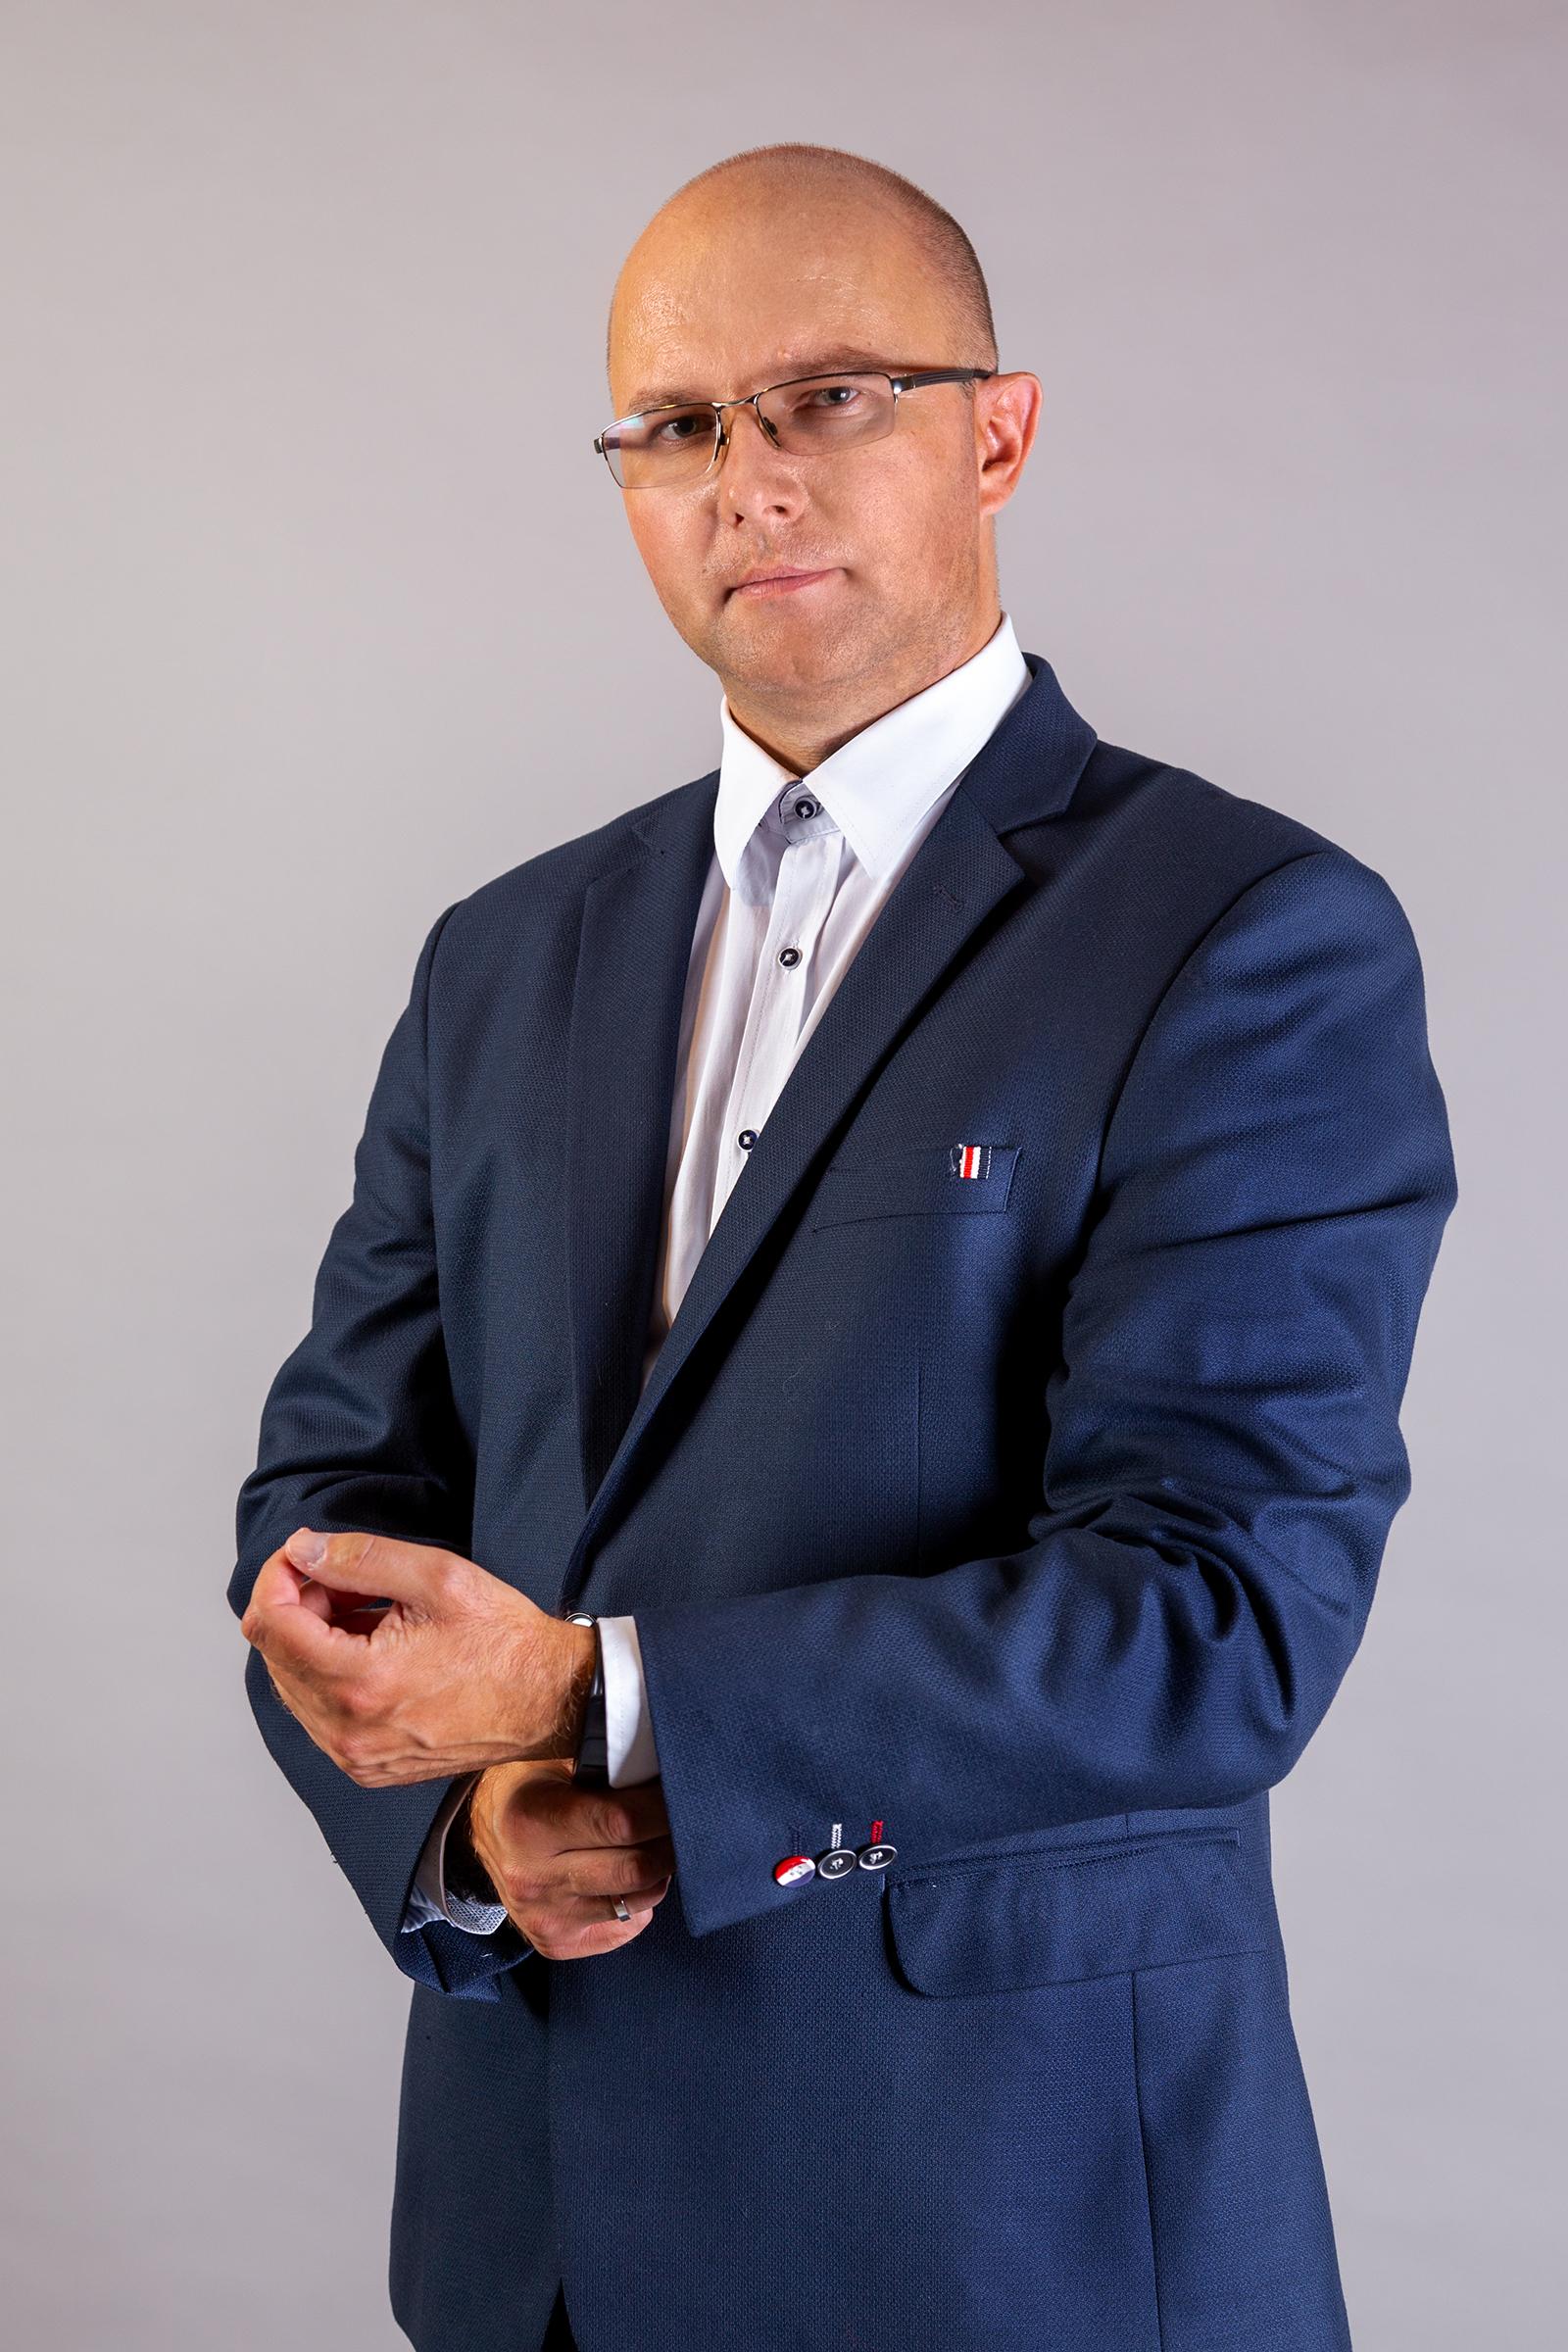 Patrik Skrzypczyk